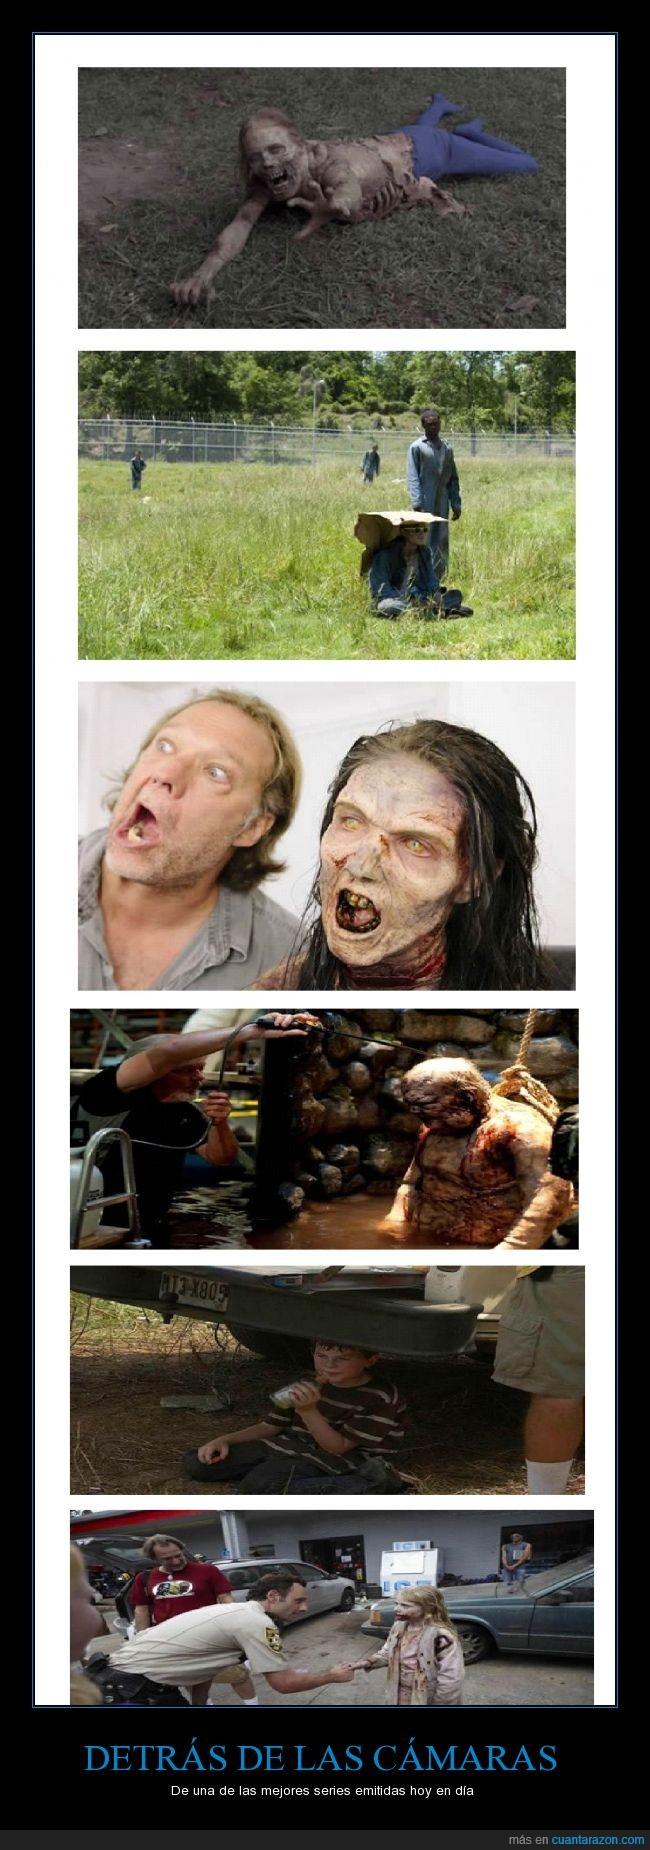 camara,caminante,daryl,detrás de las cámaras,serie,the walking dead,twd,zombie